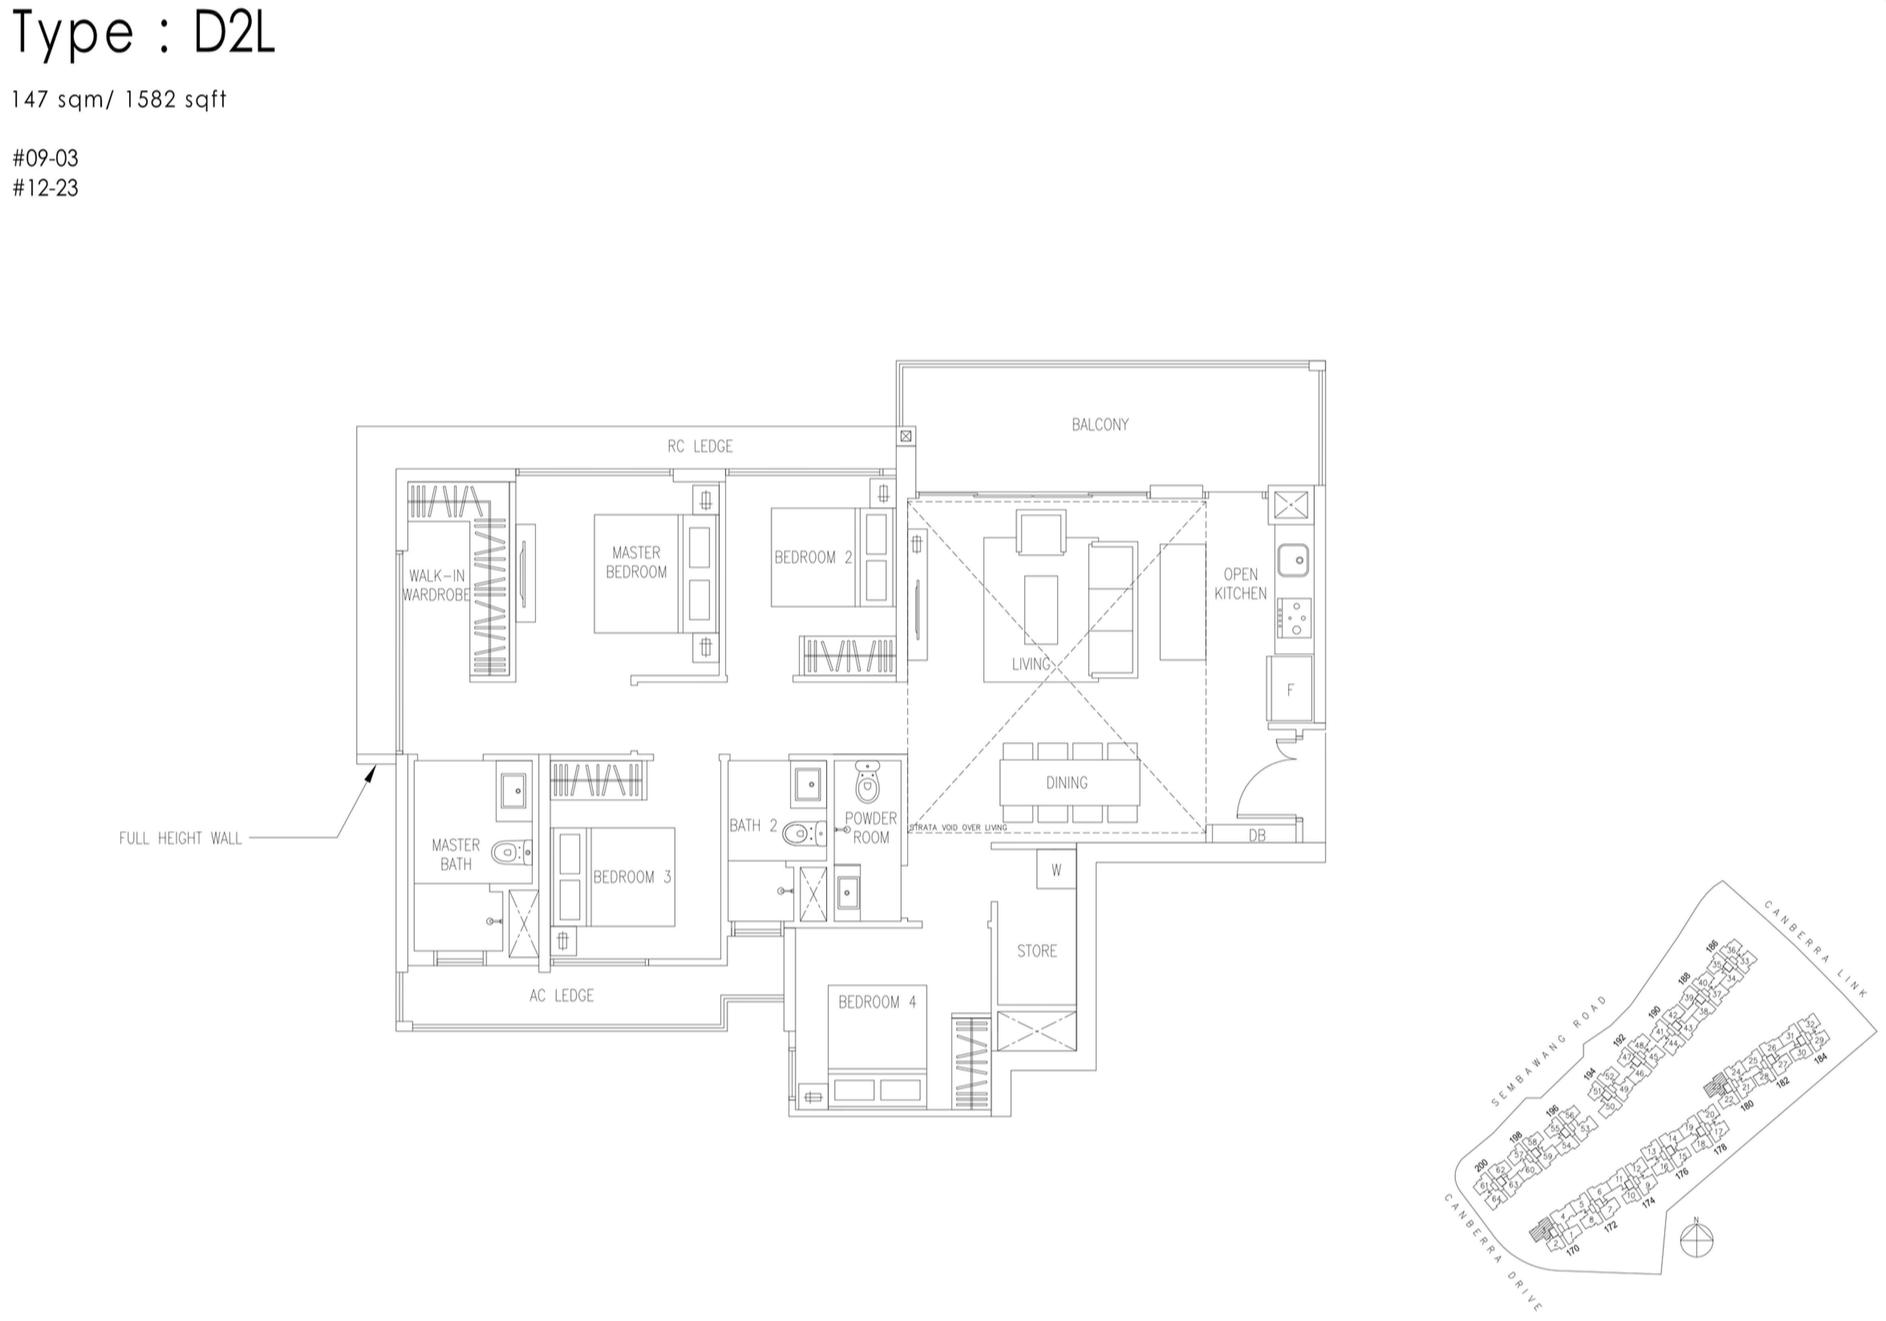 The Visionaire EC Floor Plan - 4 Bedroom D2L 147 sqm 1582 sqft